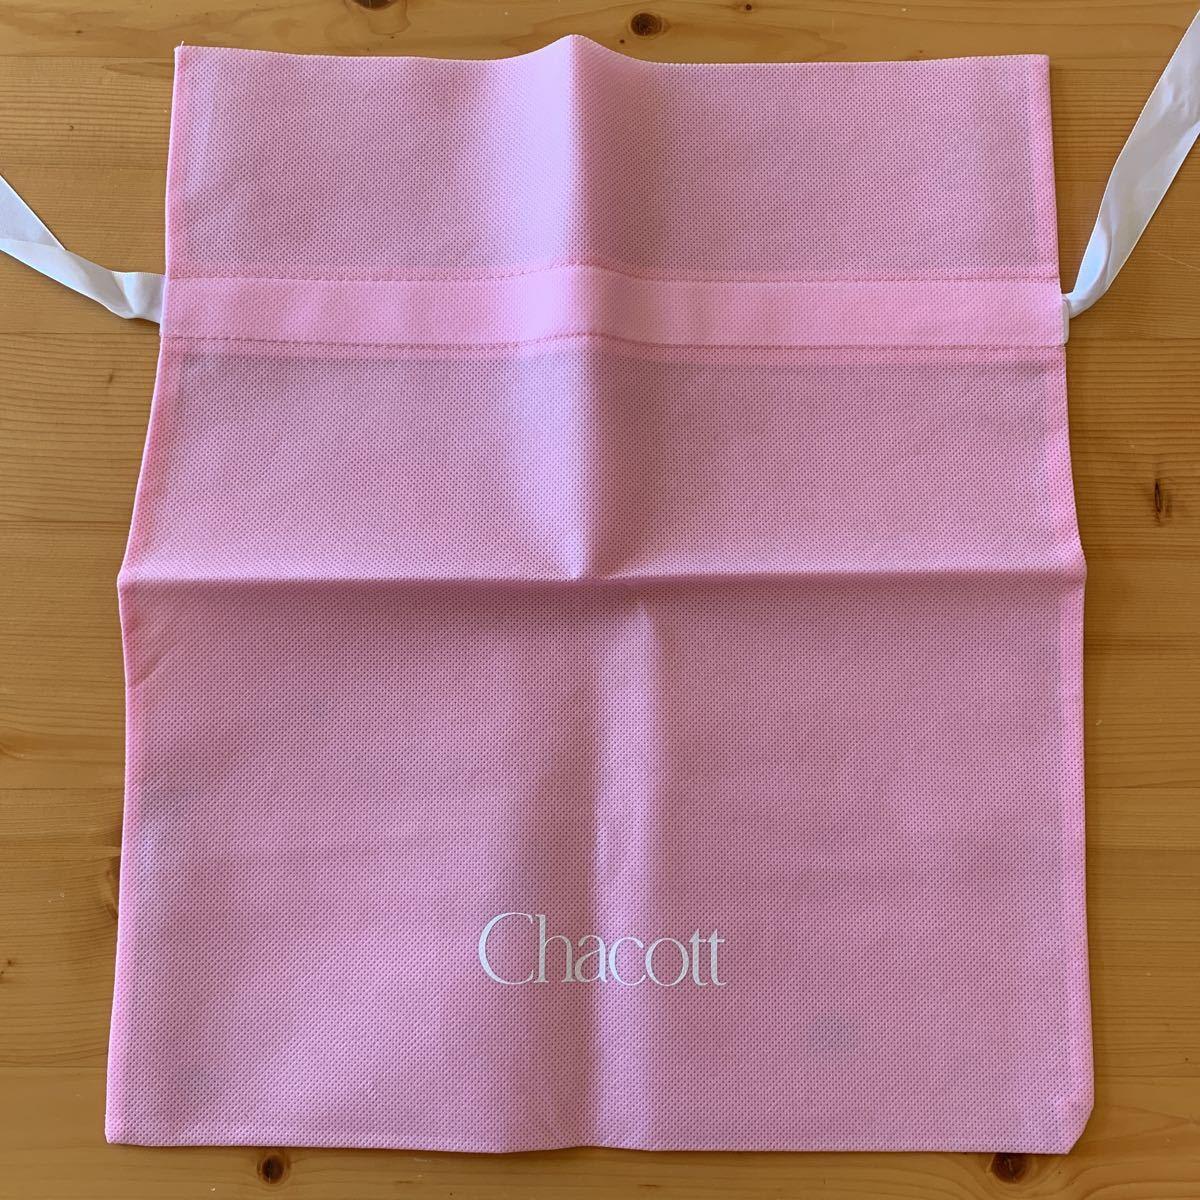 袋 チャコット 衣装 [衣裳について]発表会の衣裳&アイテム|チャコット